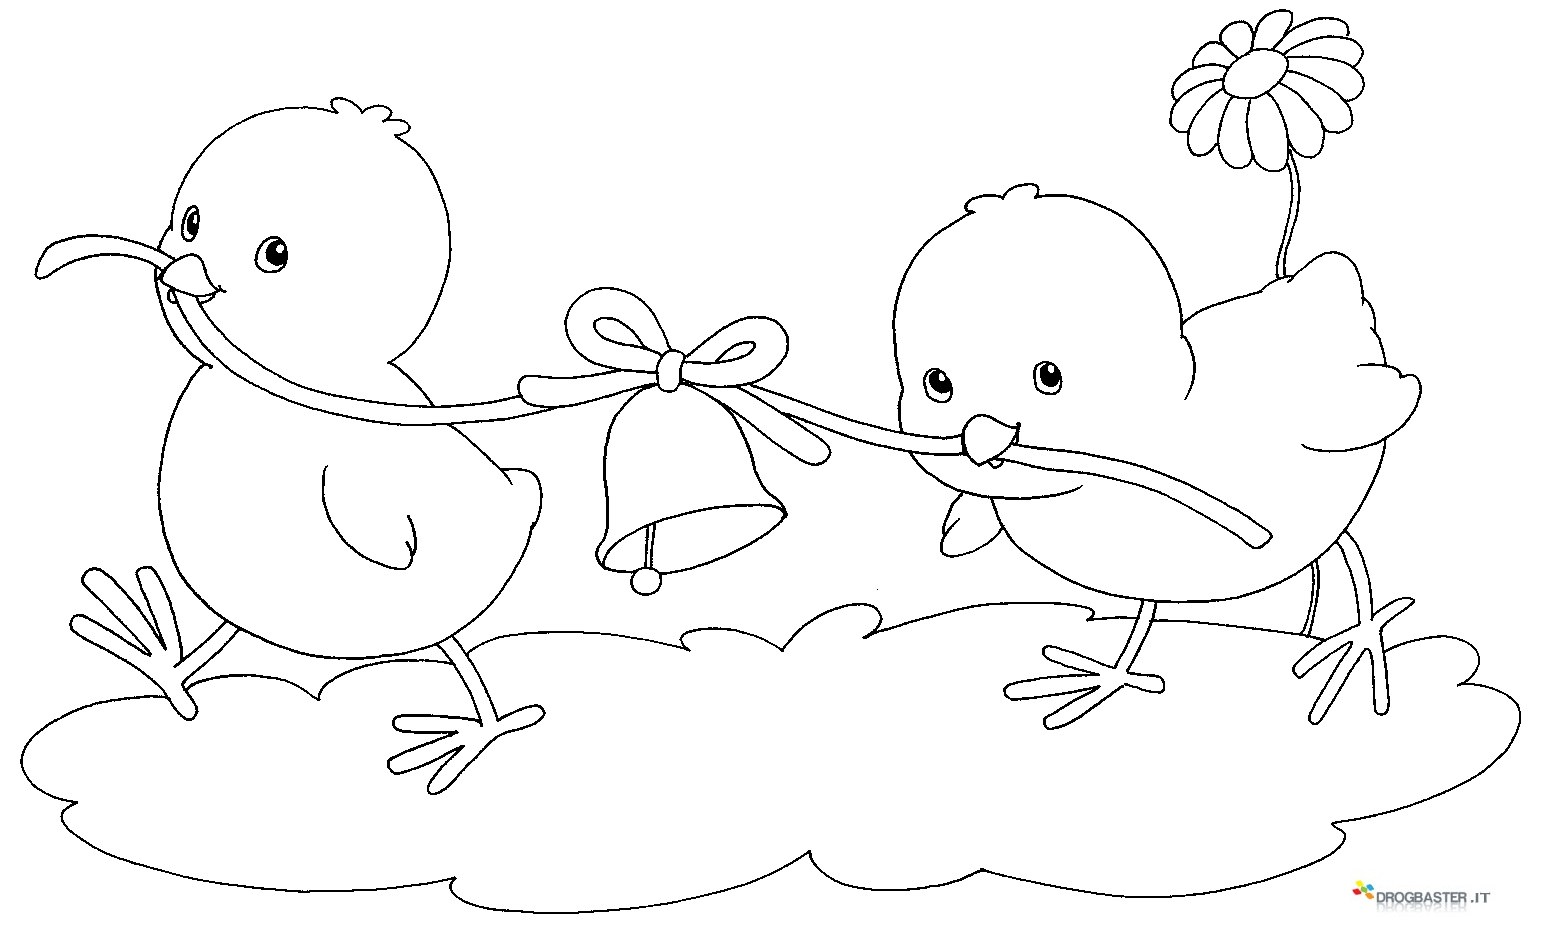 Speciale disegni per bambini da colorare per pasqua for Coniglio disegno per bambini